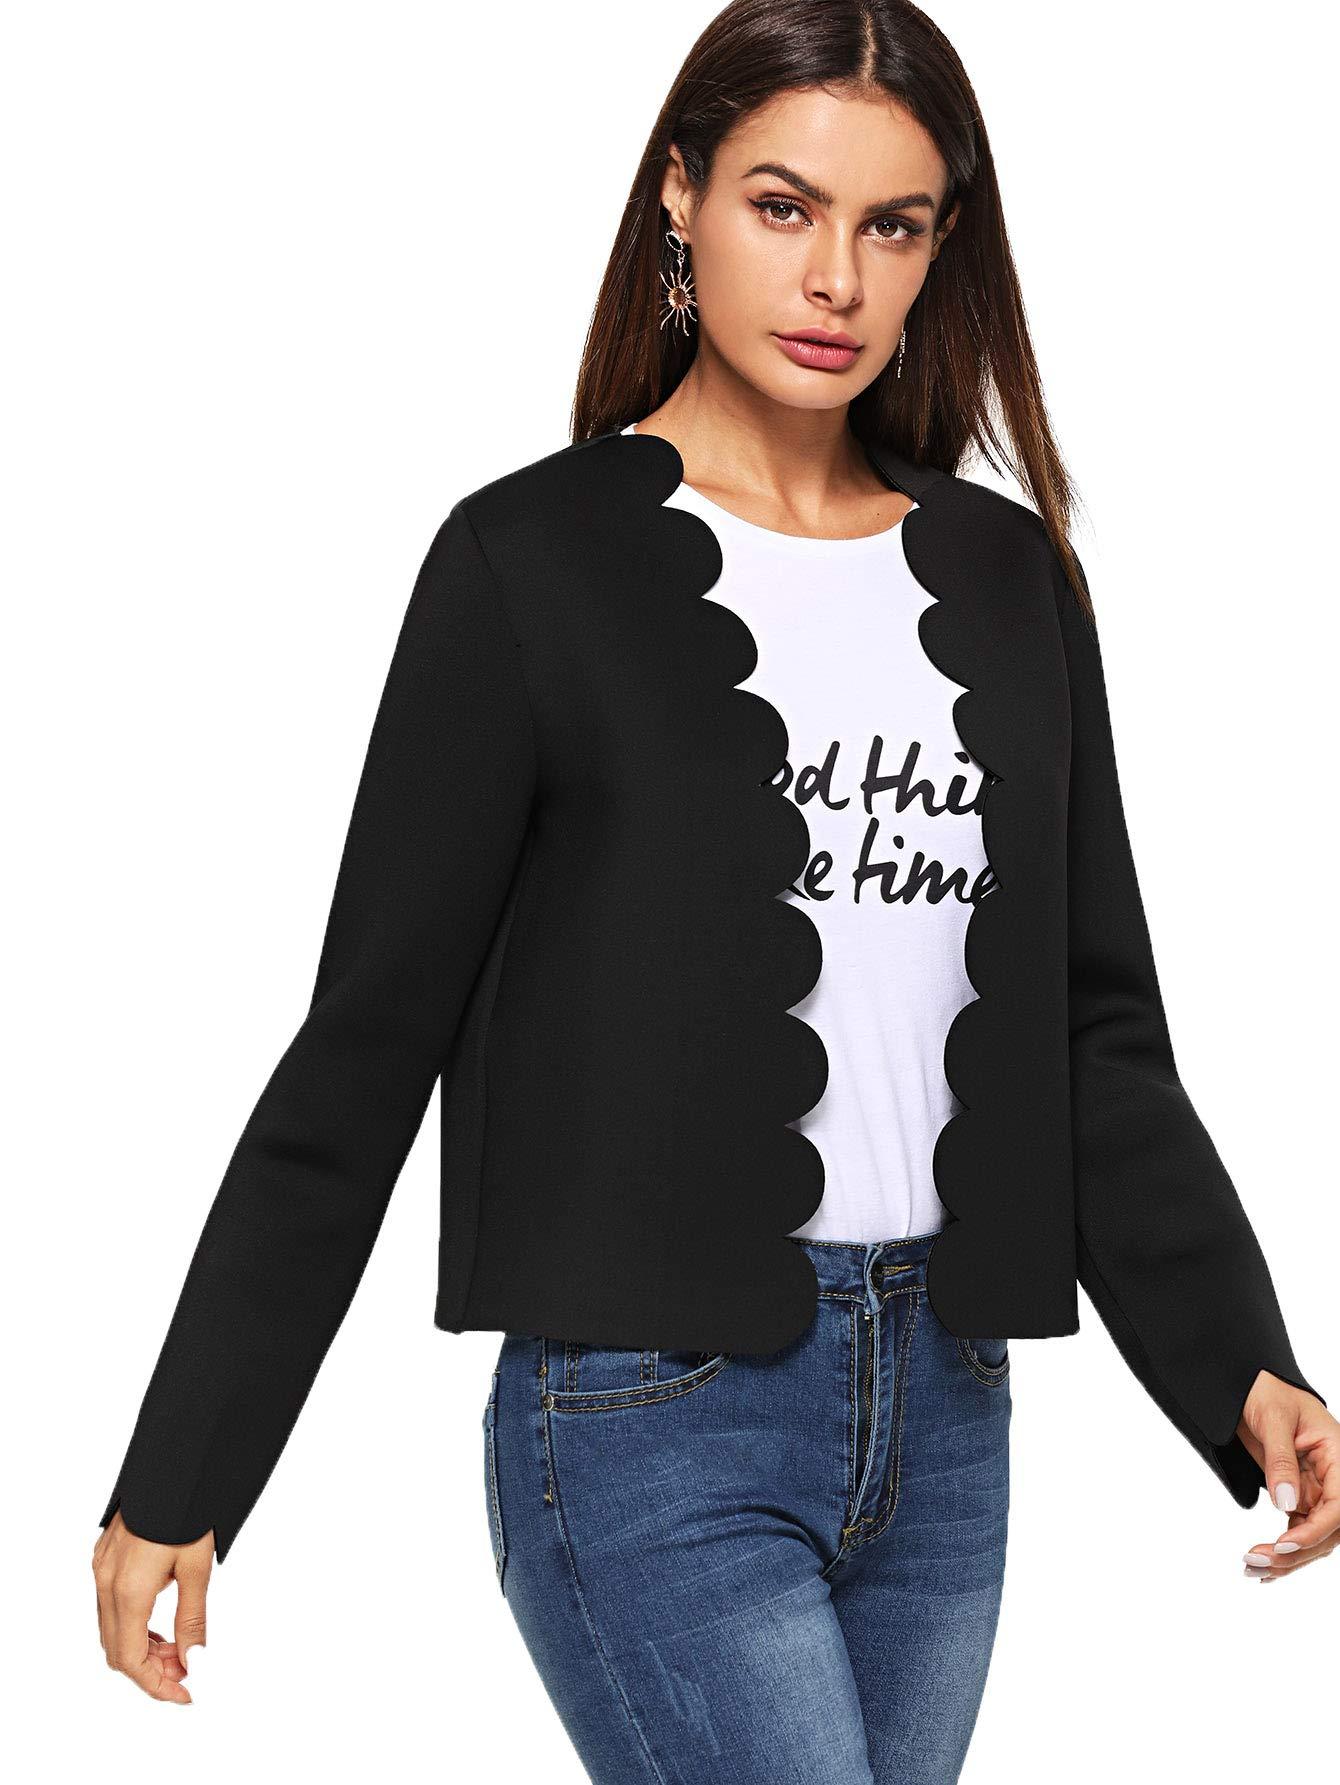 Romwe Women's Scallop Hem Casual Work Office Open Blazer Jacket Black Large by Romwe (Image #4)